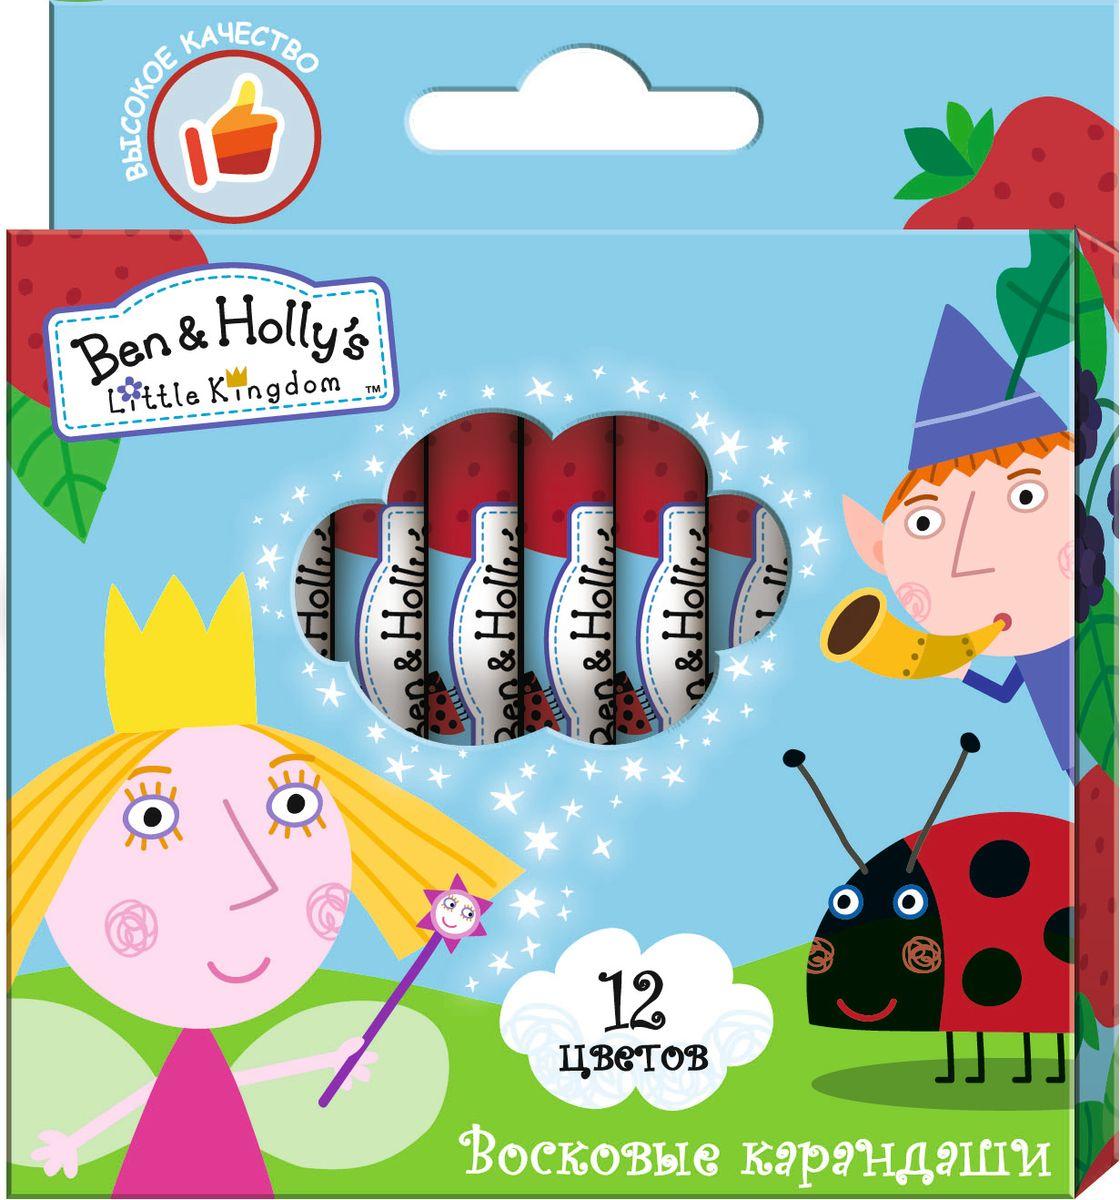 Ben&Holly Набор восковых карандашей Бен и Холли 12 цветов31668В набор ТМ Бен и Холли входит 12 восковых карандашей, которые благодаря своим ярким, насыщенным цветам идеально подходят для рисования, письма и раскрашивания. Индивидуальные бумажные упаковки с ярким принтом на каждом карандаше помогают им не выскальзывать из ладошки малыша, оставляя пальчики всегда чистыми. Карандаши мягкие и одновременно прочные, что обеспечивает яркость линий без сильного нажима и легкое затачивание. Диаметр карандаша: 0,8 см; длина: 9 см. Состав: воск, бумага.